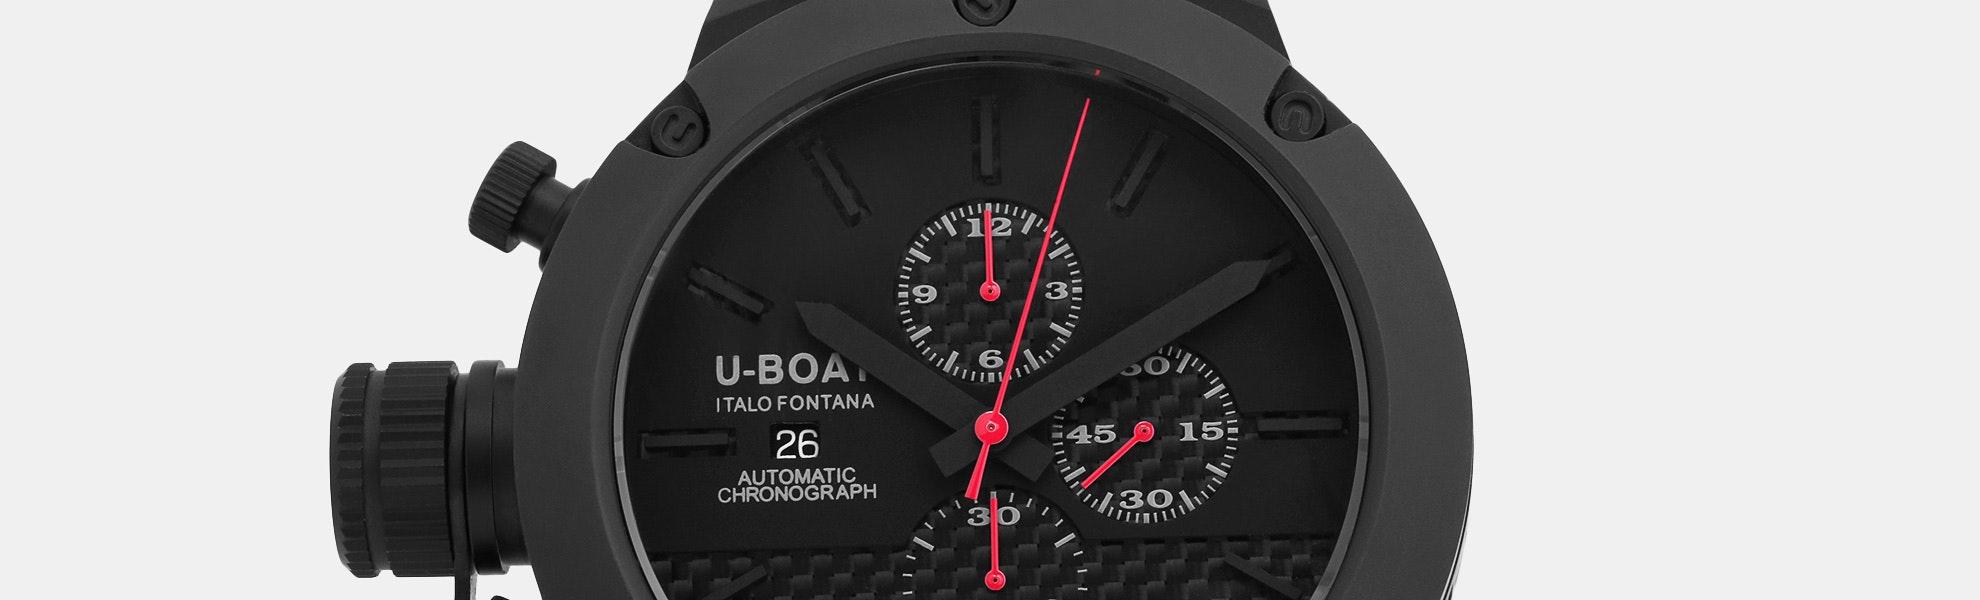 U-Boat Classico Titanium U-72 Automatic Watch